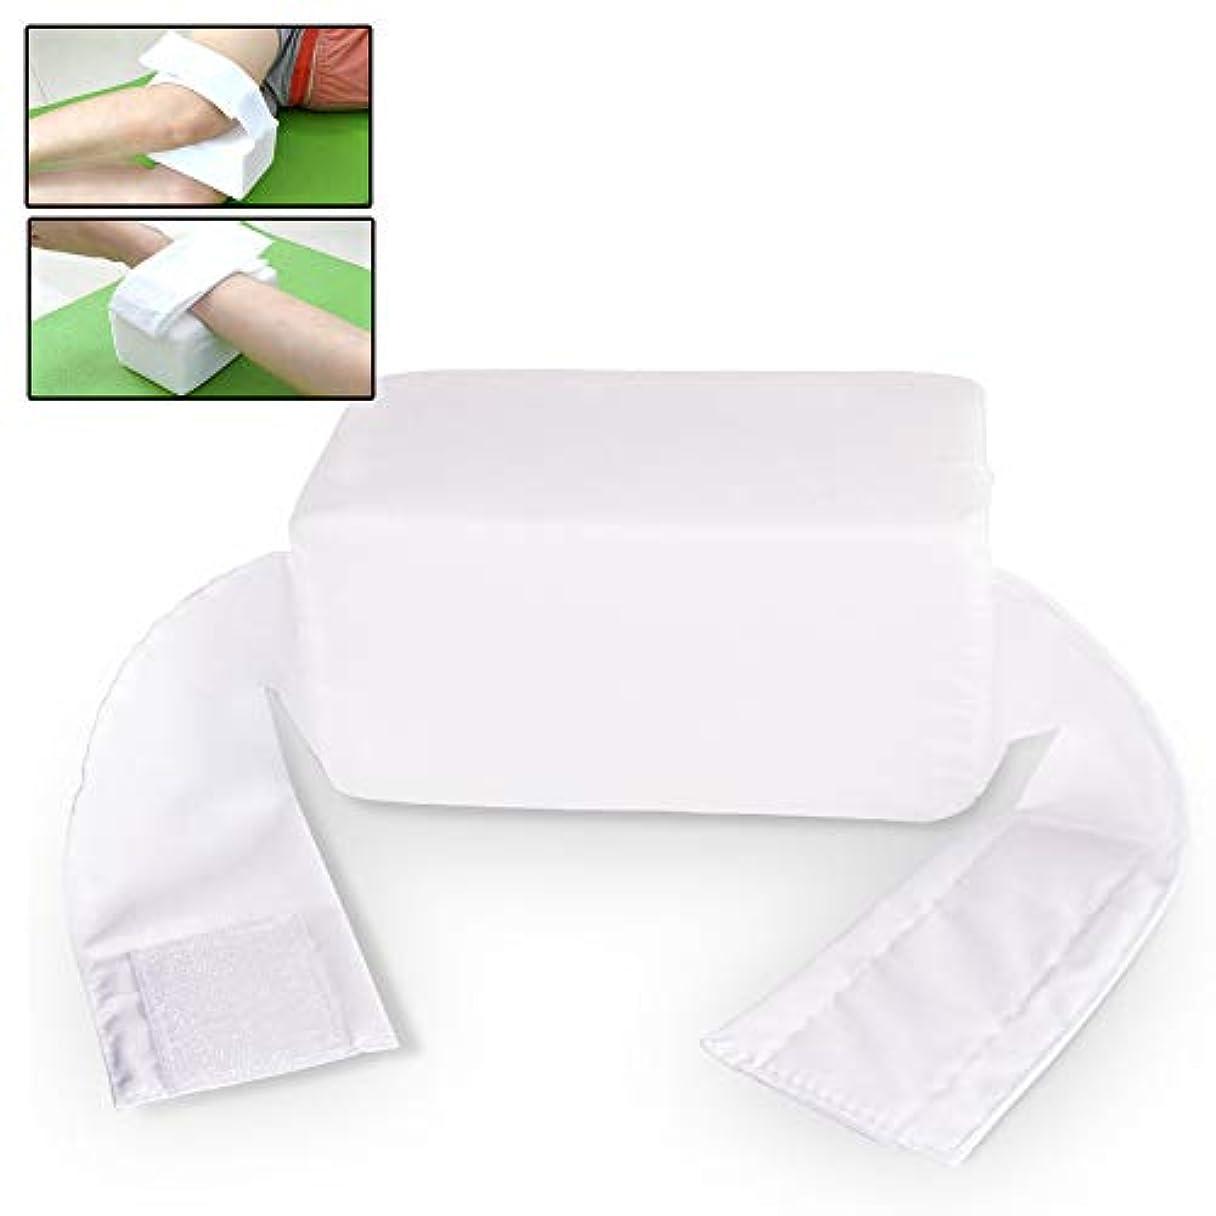 論争的ベッドを作る生産性調節可能なストラップ付きの多機能抗床ずれ膝枕 -サイドスリーパー、坐骨神経痛、妊娠と関節痛のためのくさびスポンジ枕